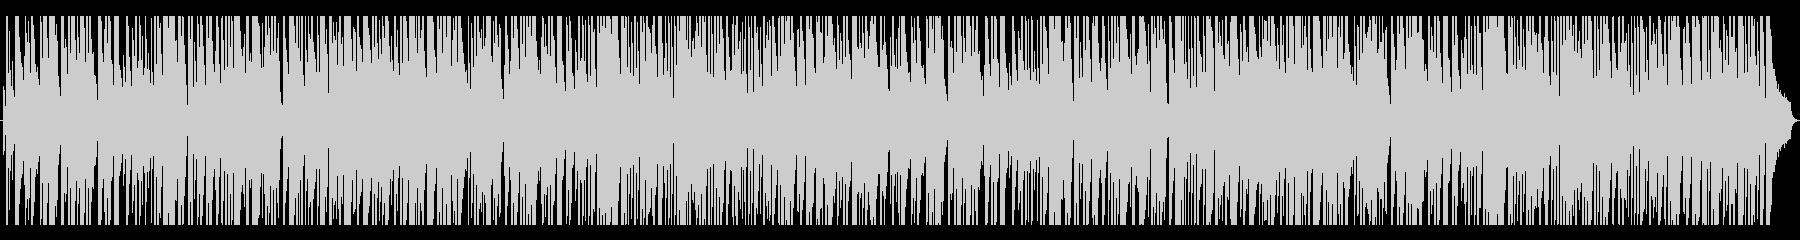 ラウンジで流れるお洒落なジャズピアノの未再生の波形